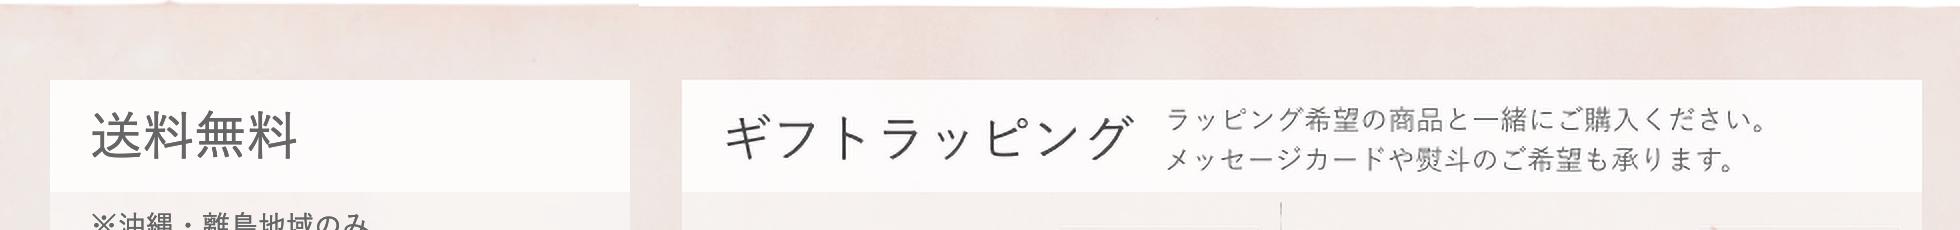 送料無料/ギフトラッピング無料